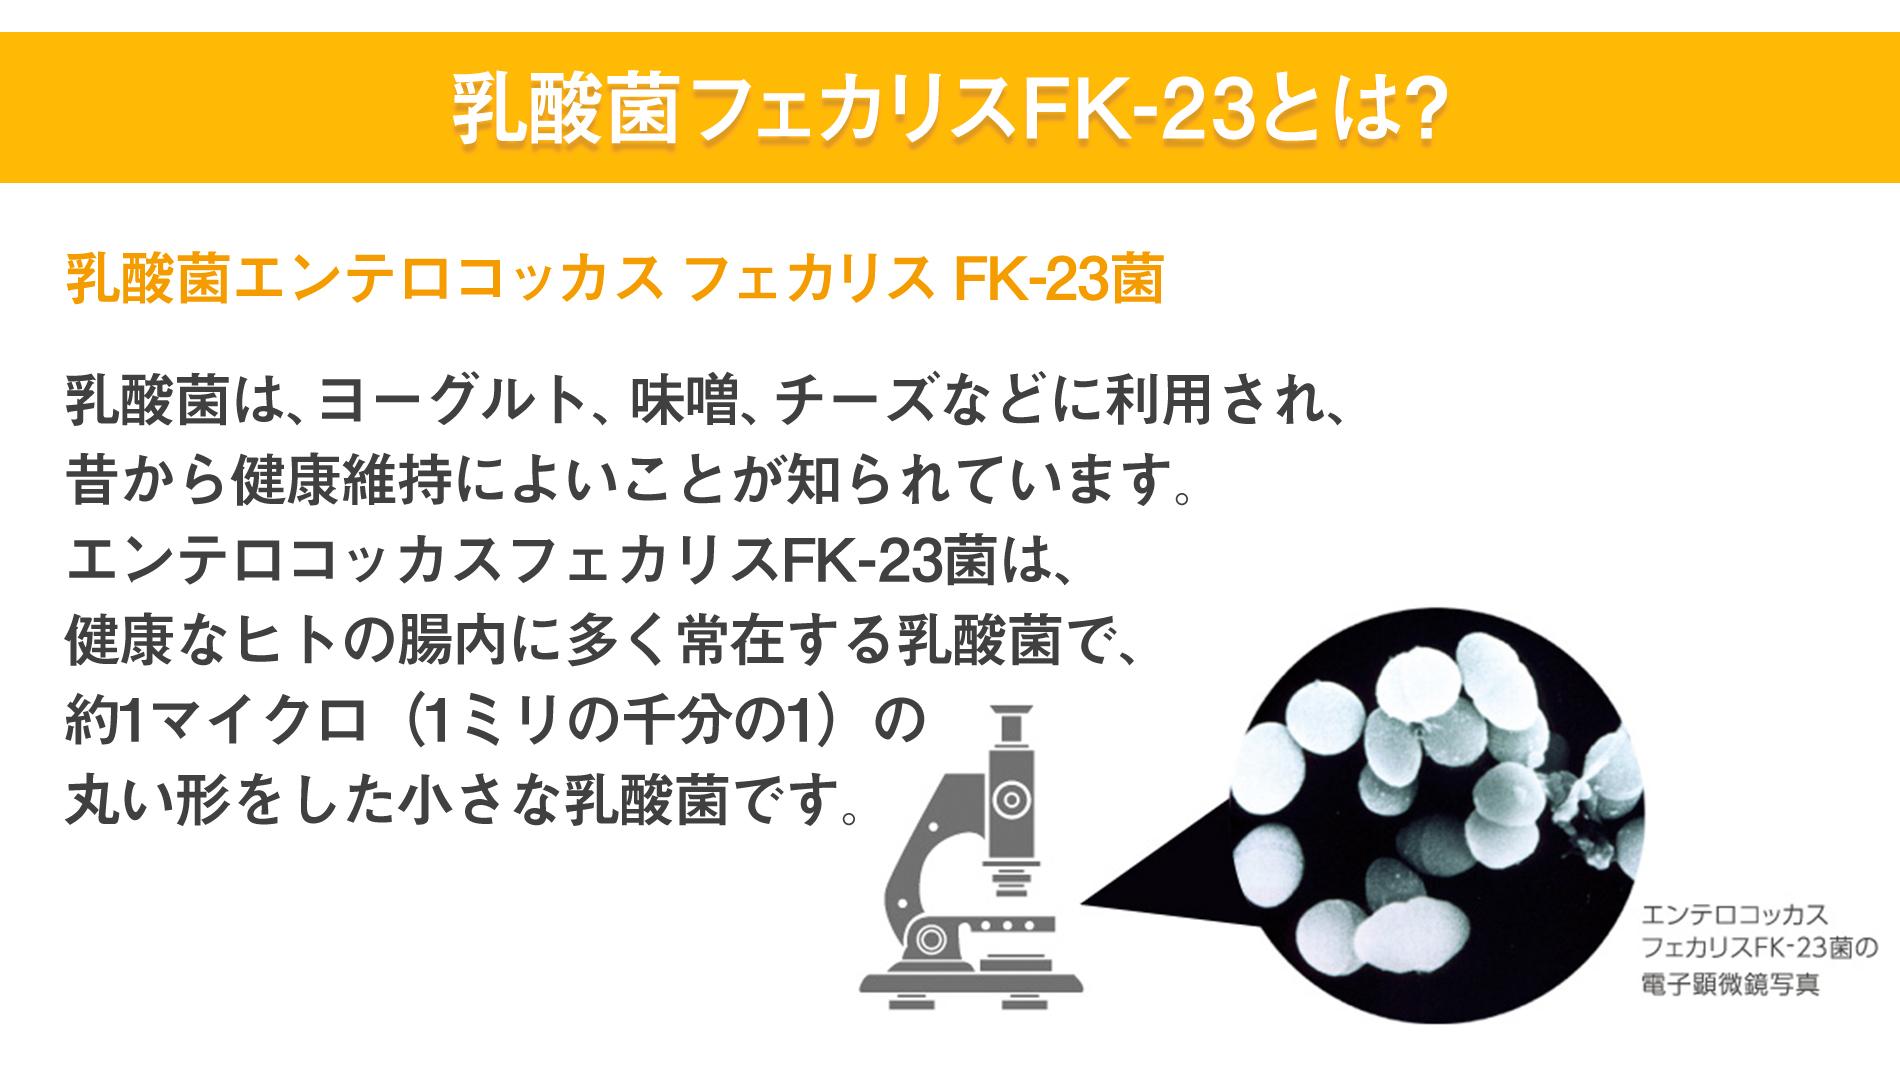 乳酸菌フェカリスFK-23とは?